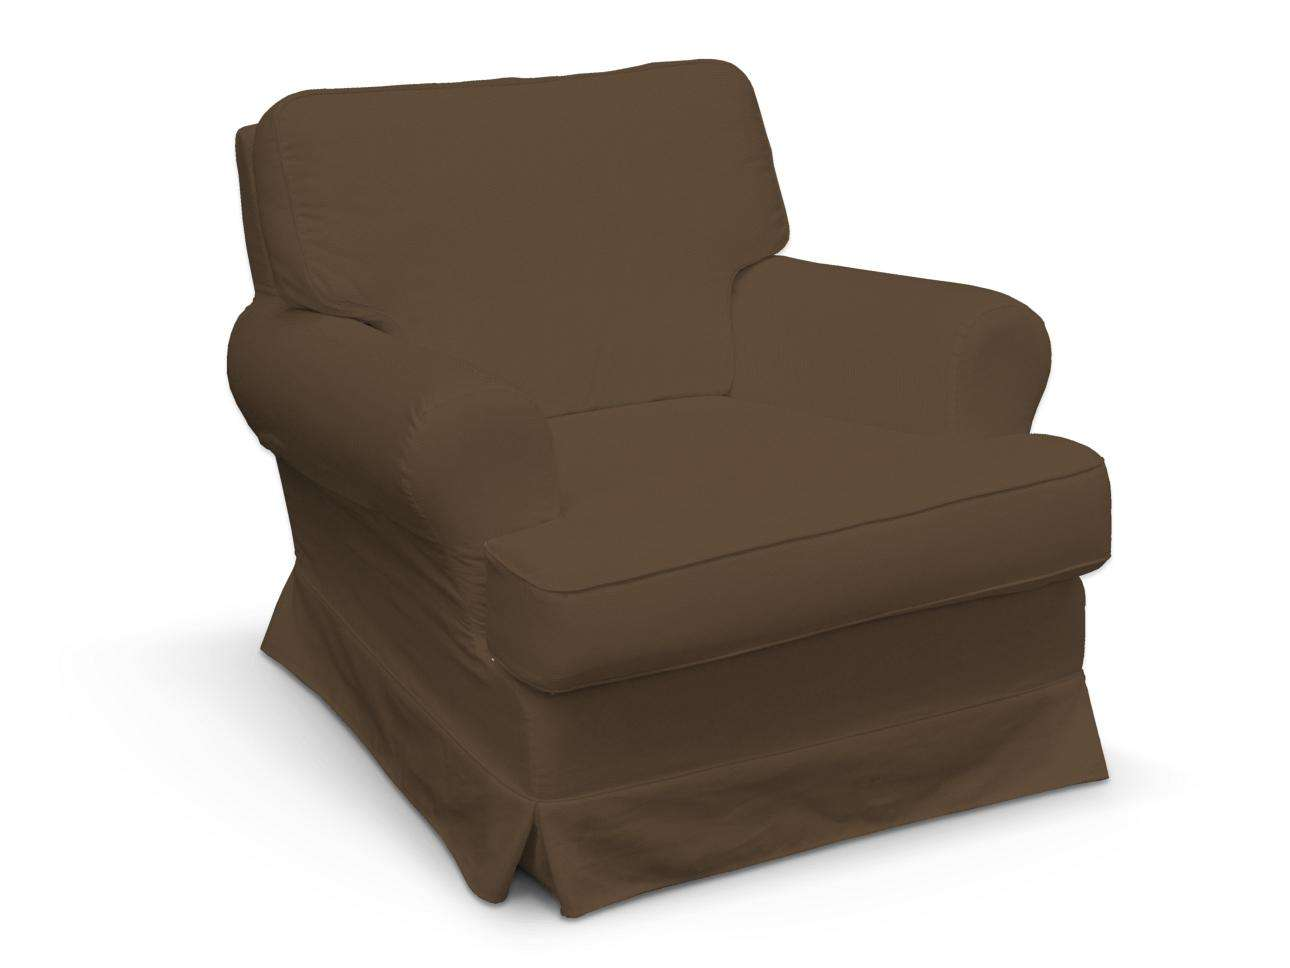 Barkaby fotelio užvalkalas Barkaby fotelio užvalkalas kolekcijoje Cotton Panama, audinys: 702-02